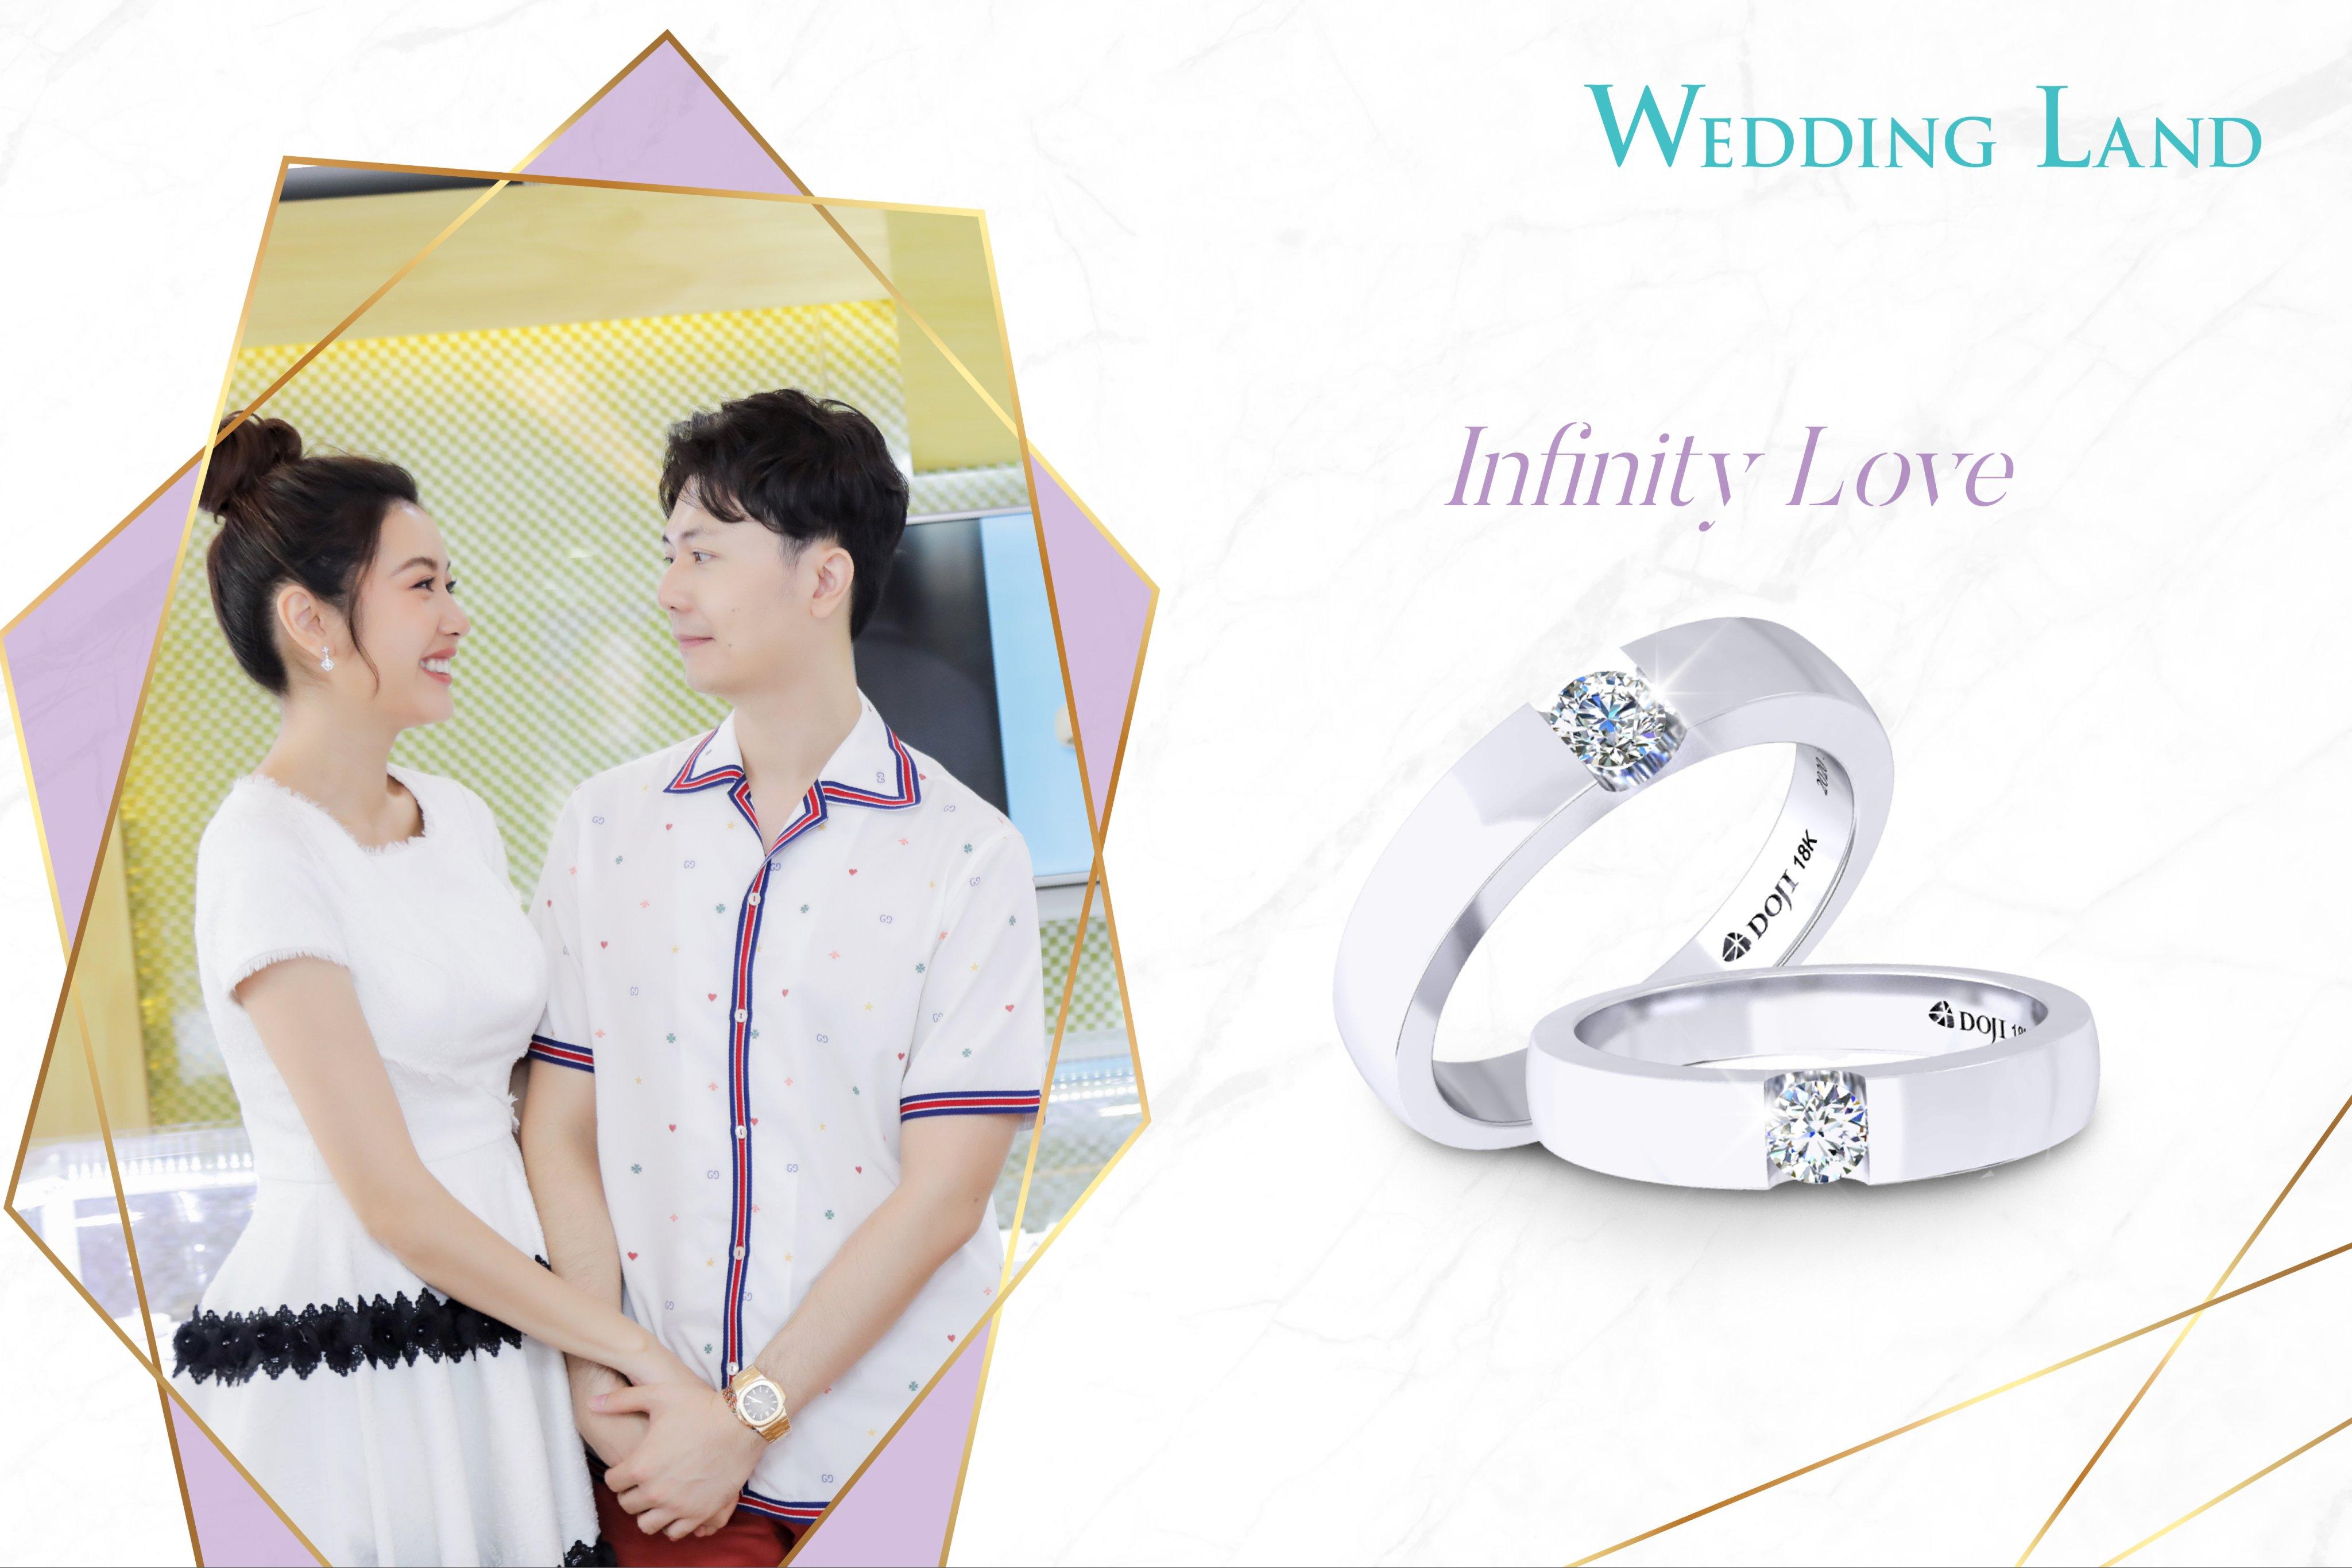 Đôi nhẫn cưới của Á hậu Thúy Vân chọn cho ngày chung đôi có gì đặc biệt?